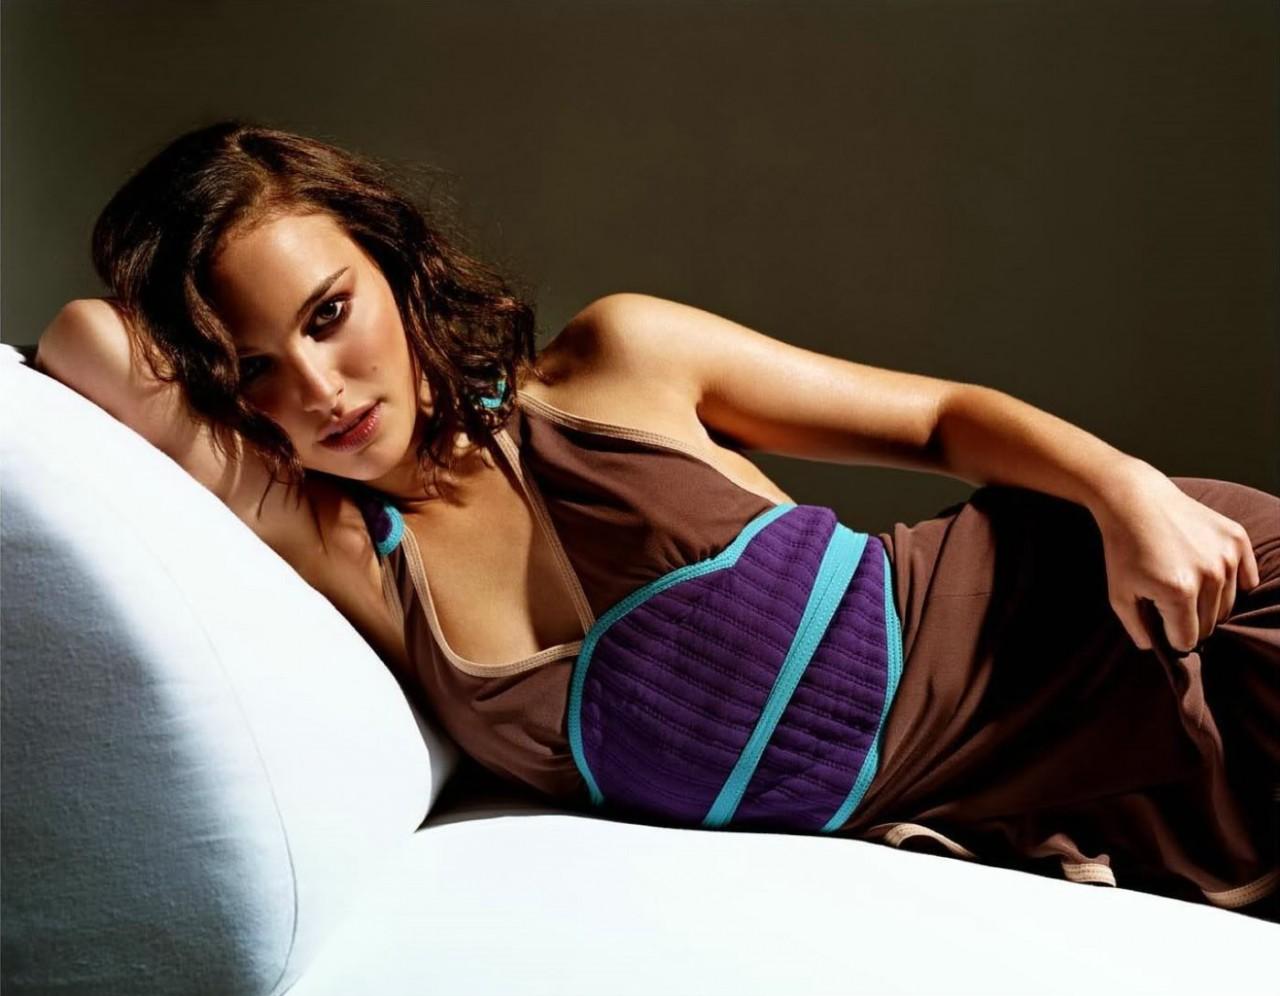 Натали Портман в фотосессии Майкла Томпсона  для журнала Esquire UK (июнь 2002)